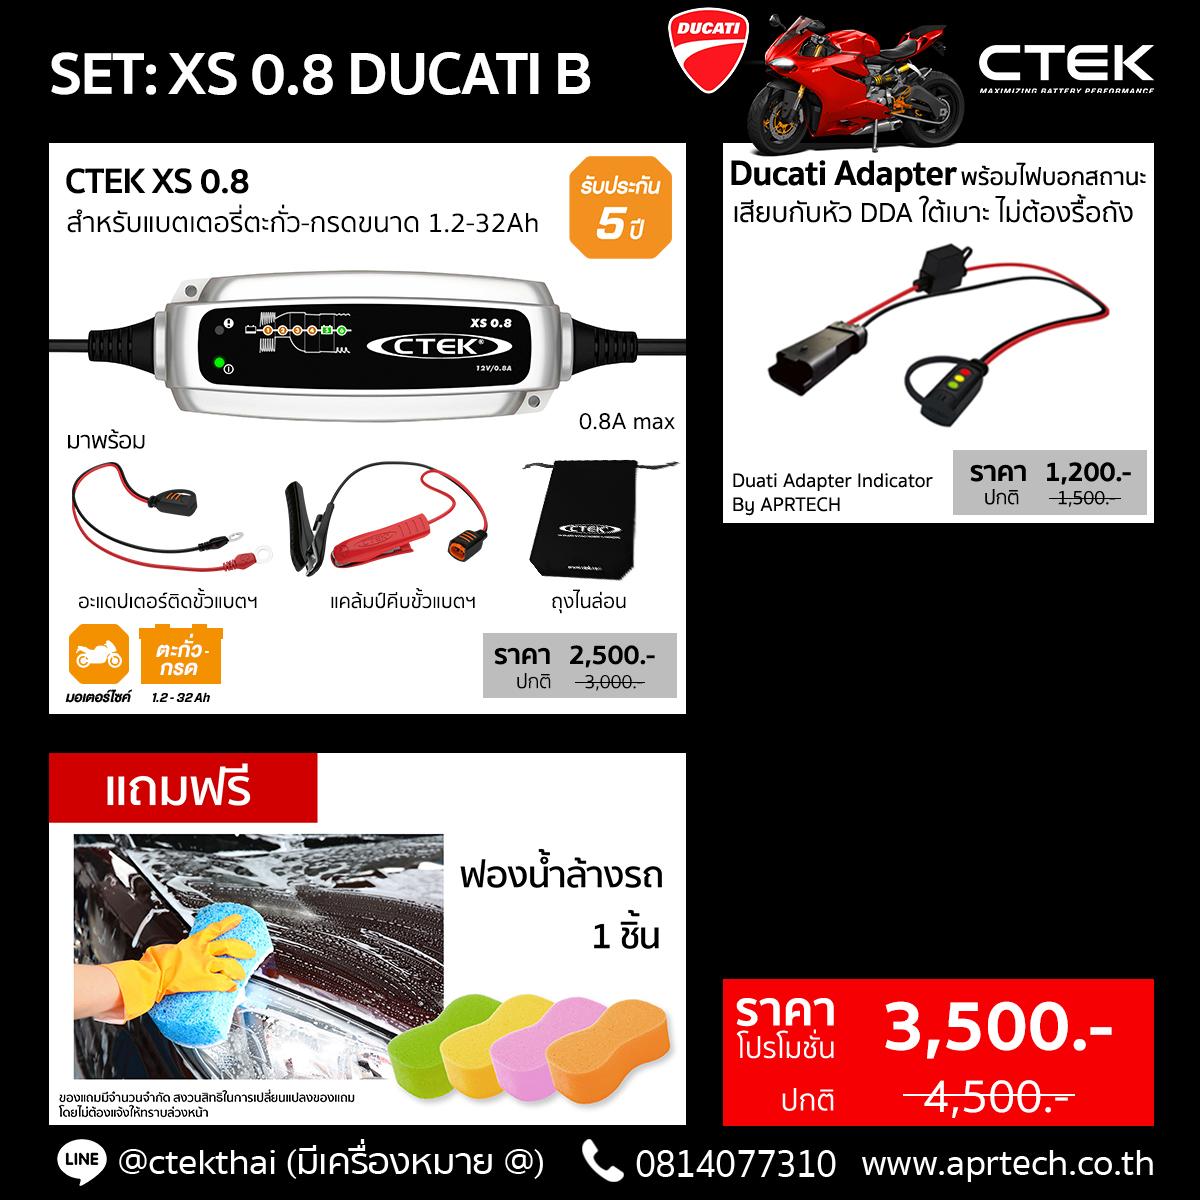 SET XS 0.8 Ducati B (CTEK XS 0.8 + Ducati Adapter Indicator)